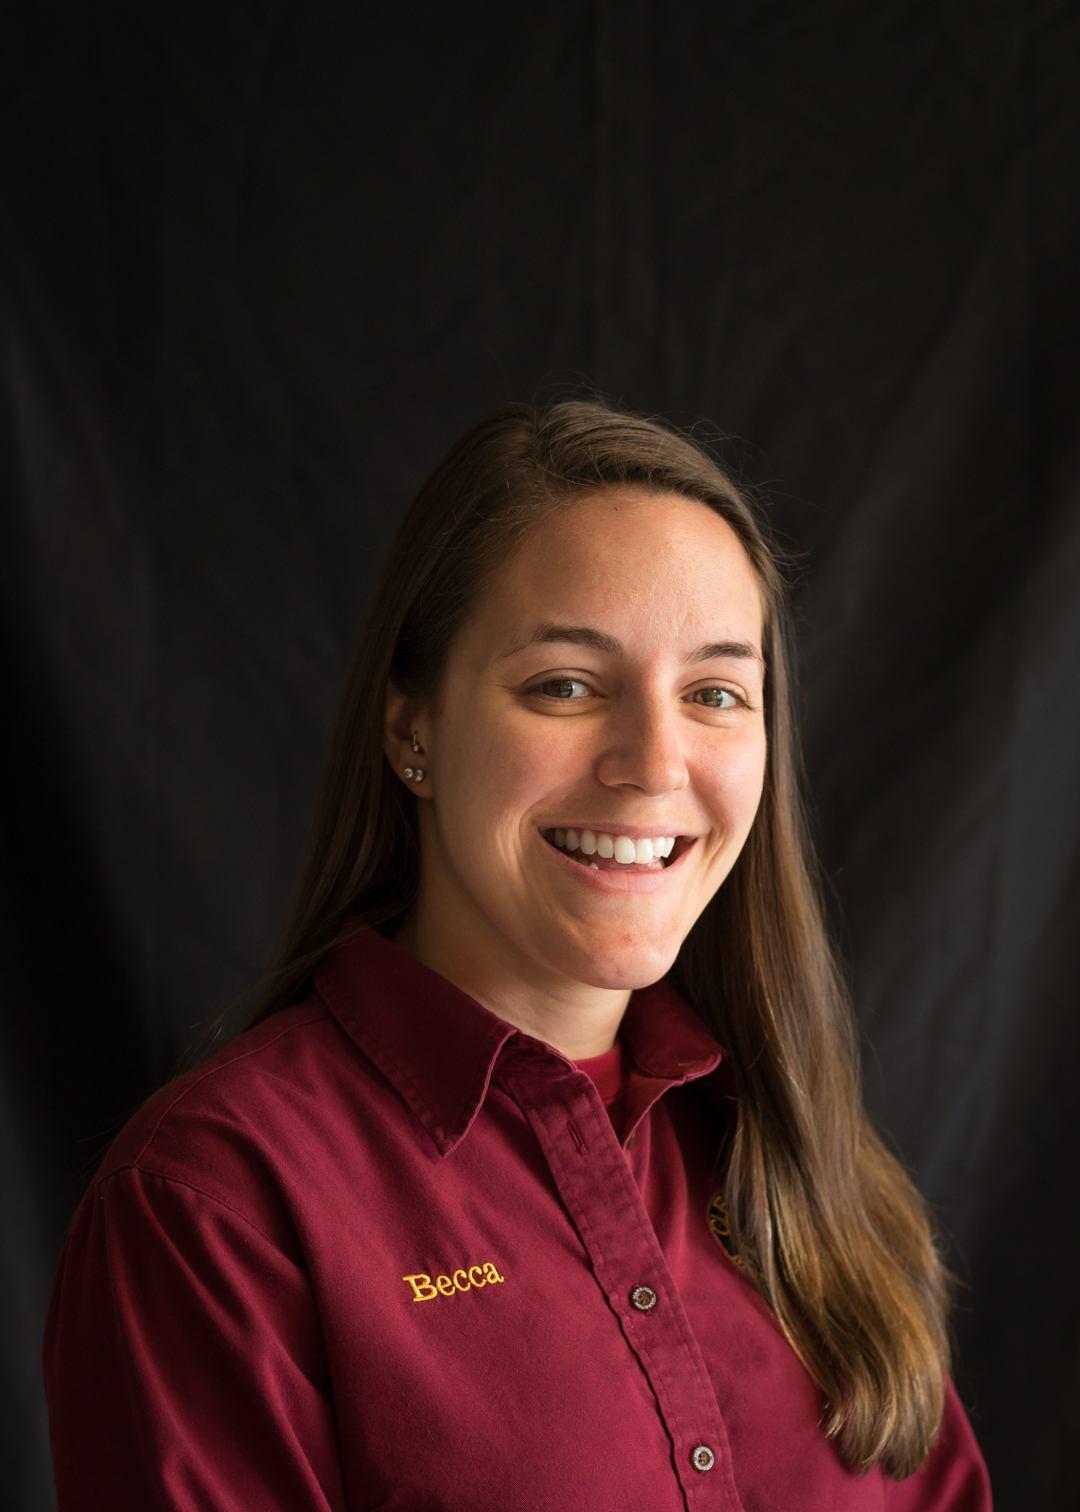 Becca Farrea - Department Manager